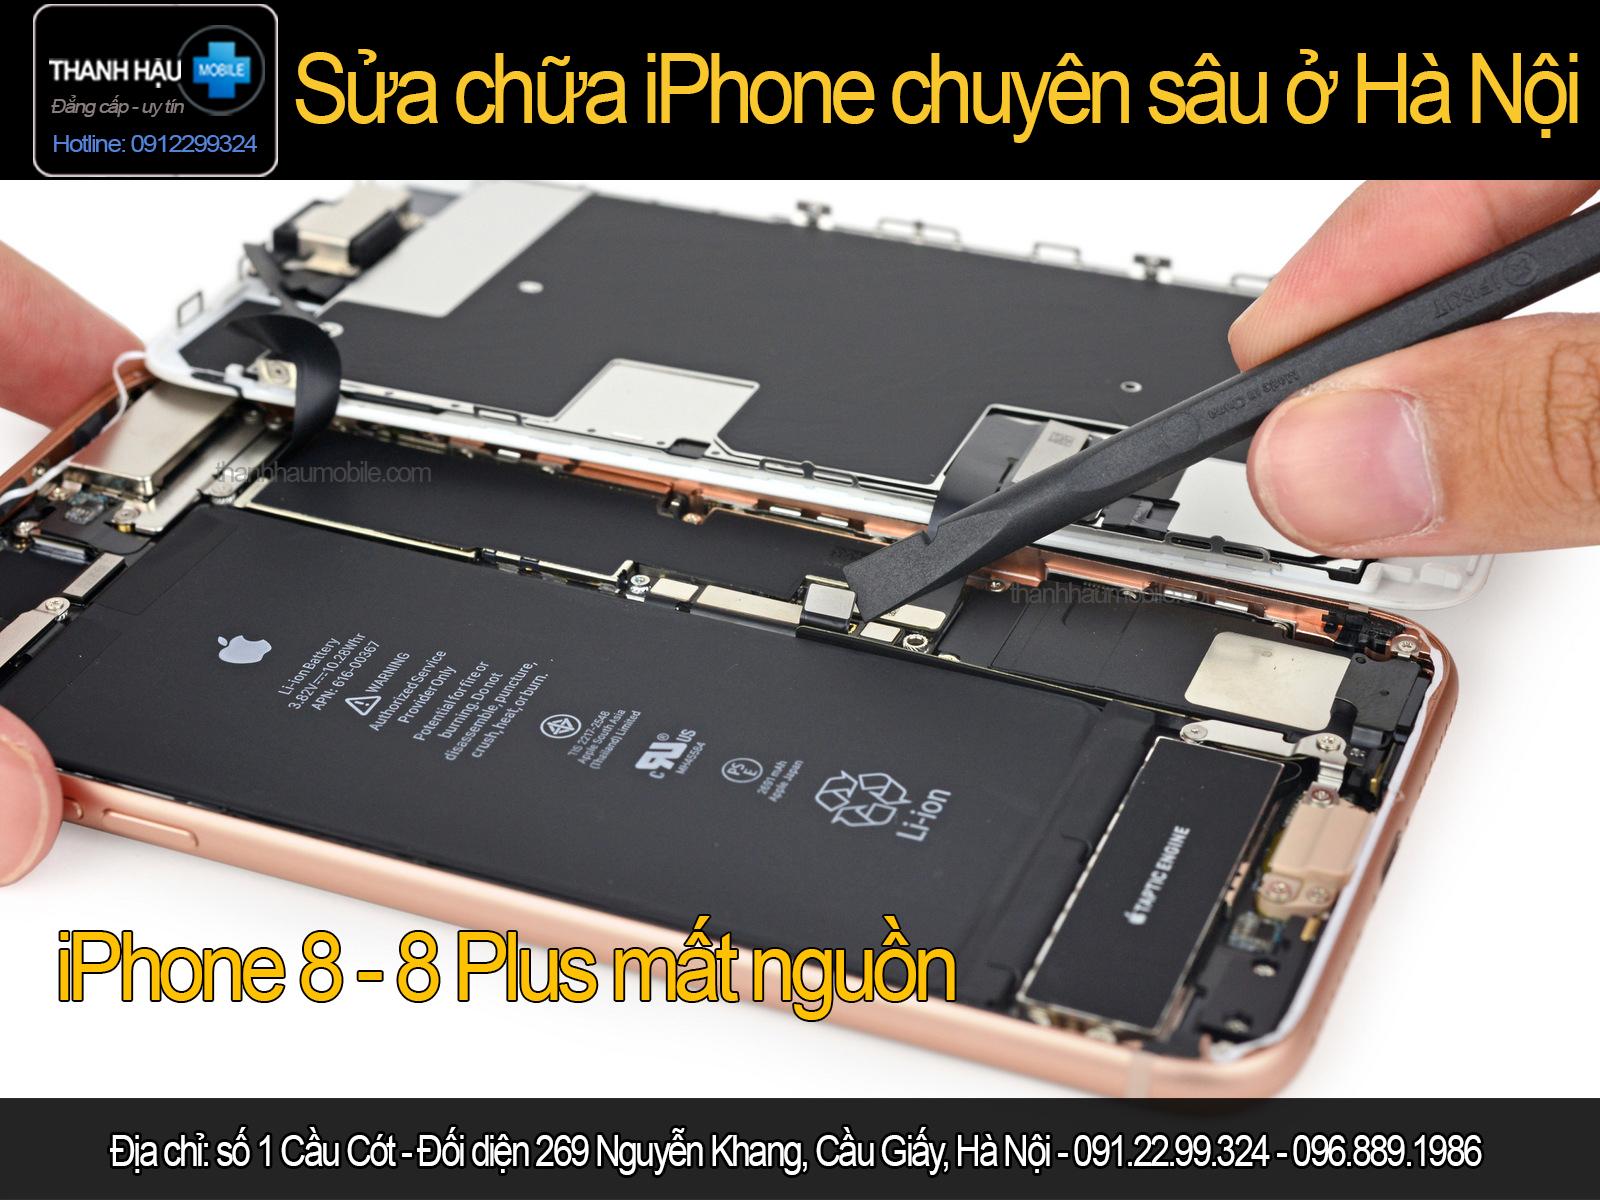 Sửa iphone 8  mất nguồn | Sửa iphone 8 plus mất nguồn uy tín tại Hà Nội